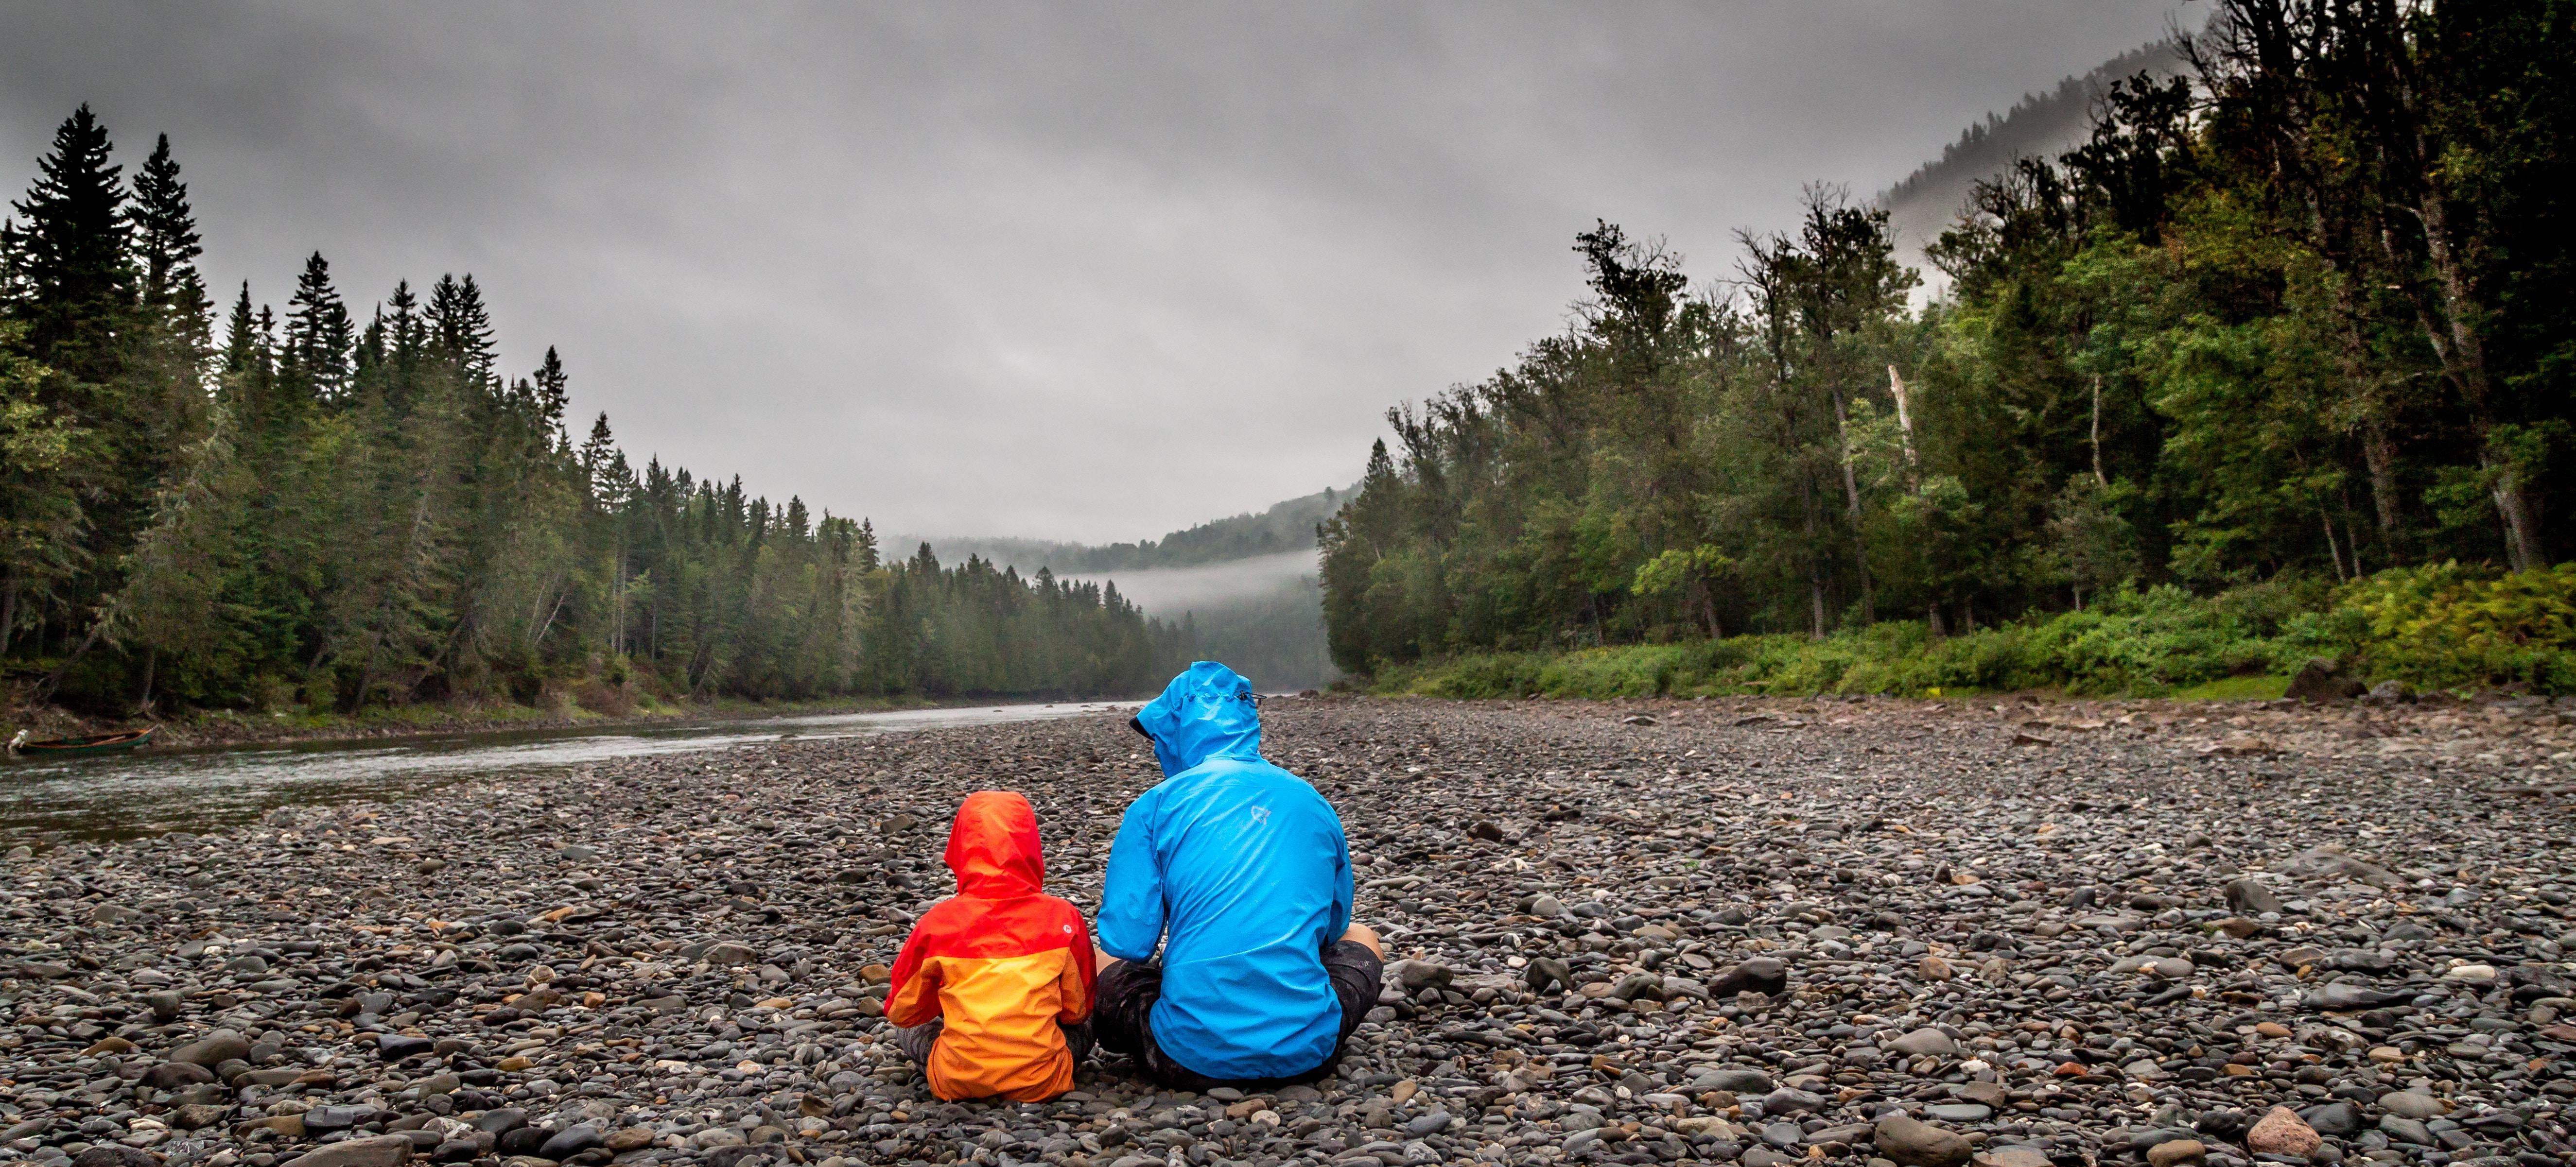 filhos de Deus observando a natureza